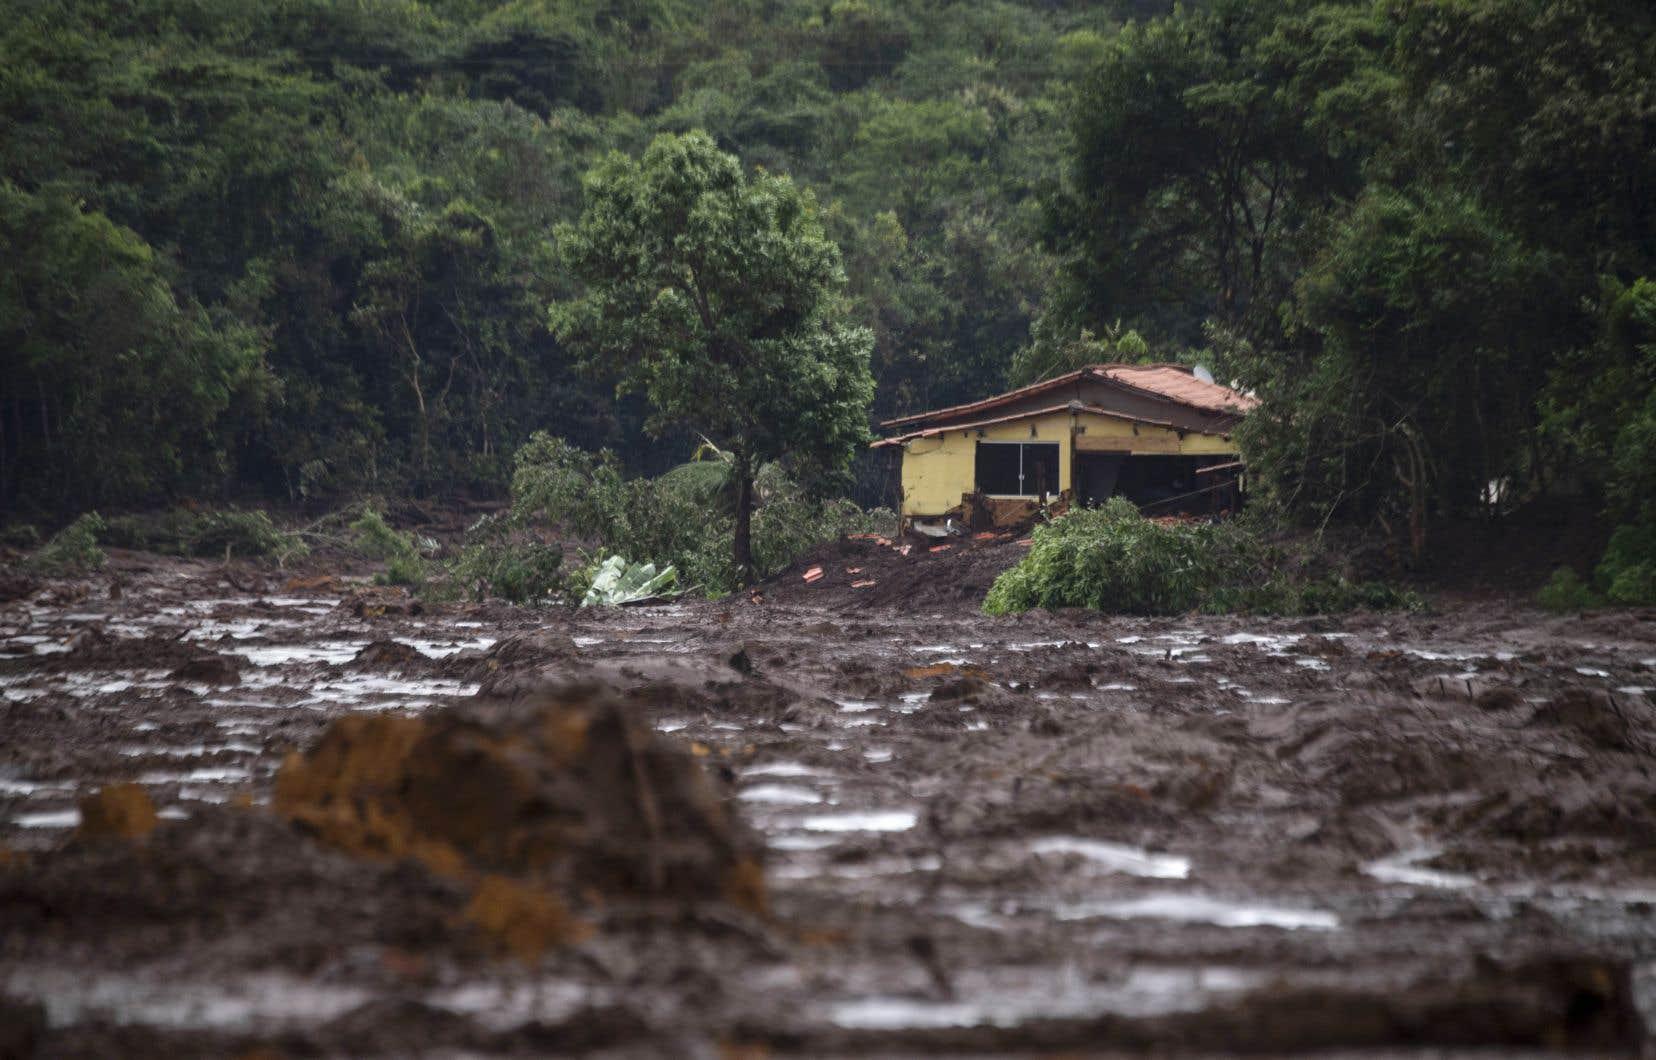 Le barrage s'est effondré et a libéré une marée de boue qui a détruit et ensevelit plusieurs bâtiments dans les alentours.